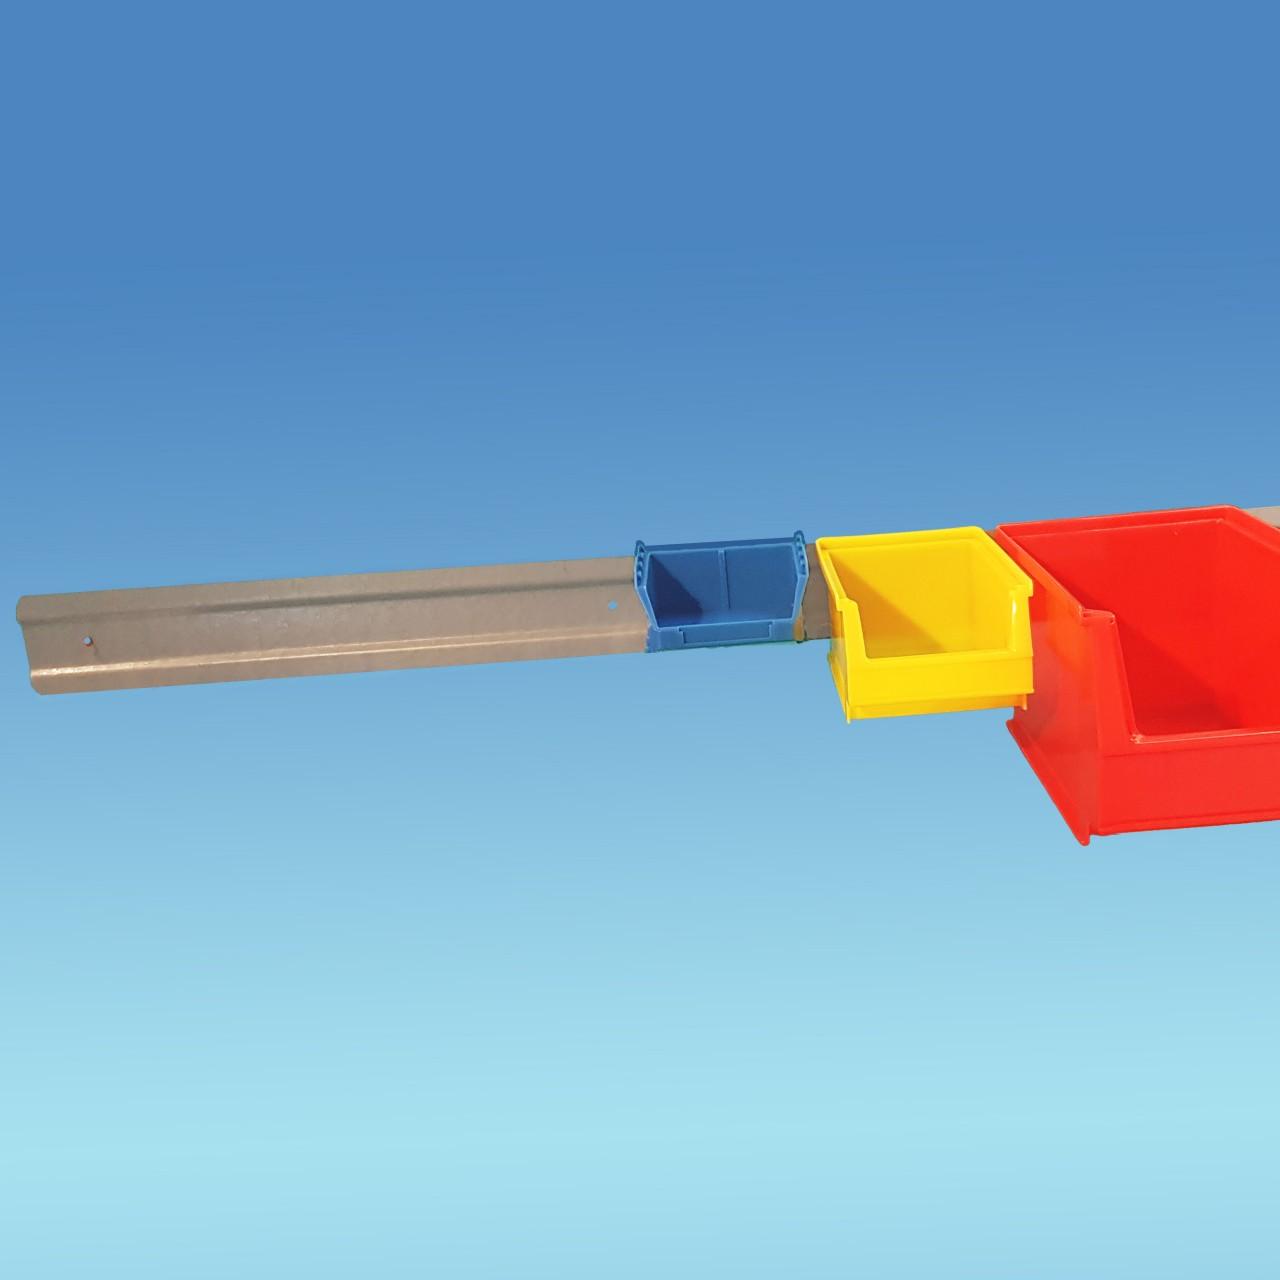 Aufhänge-Schiene für SB-Boxen (SB 4 / 5 / 6)